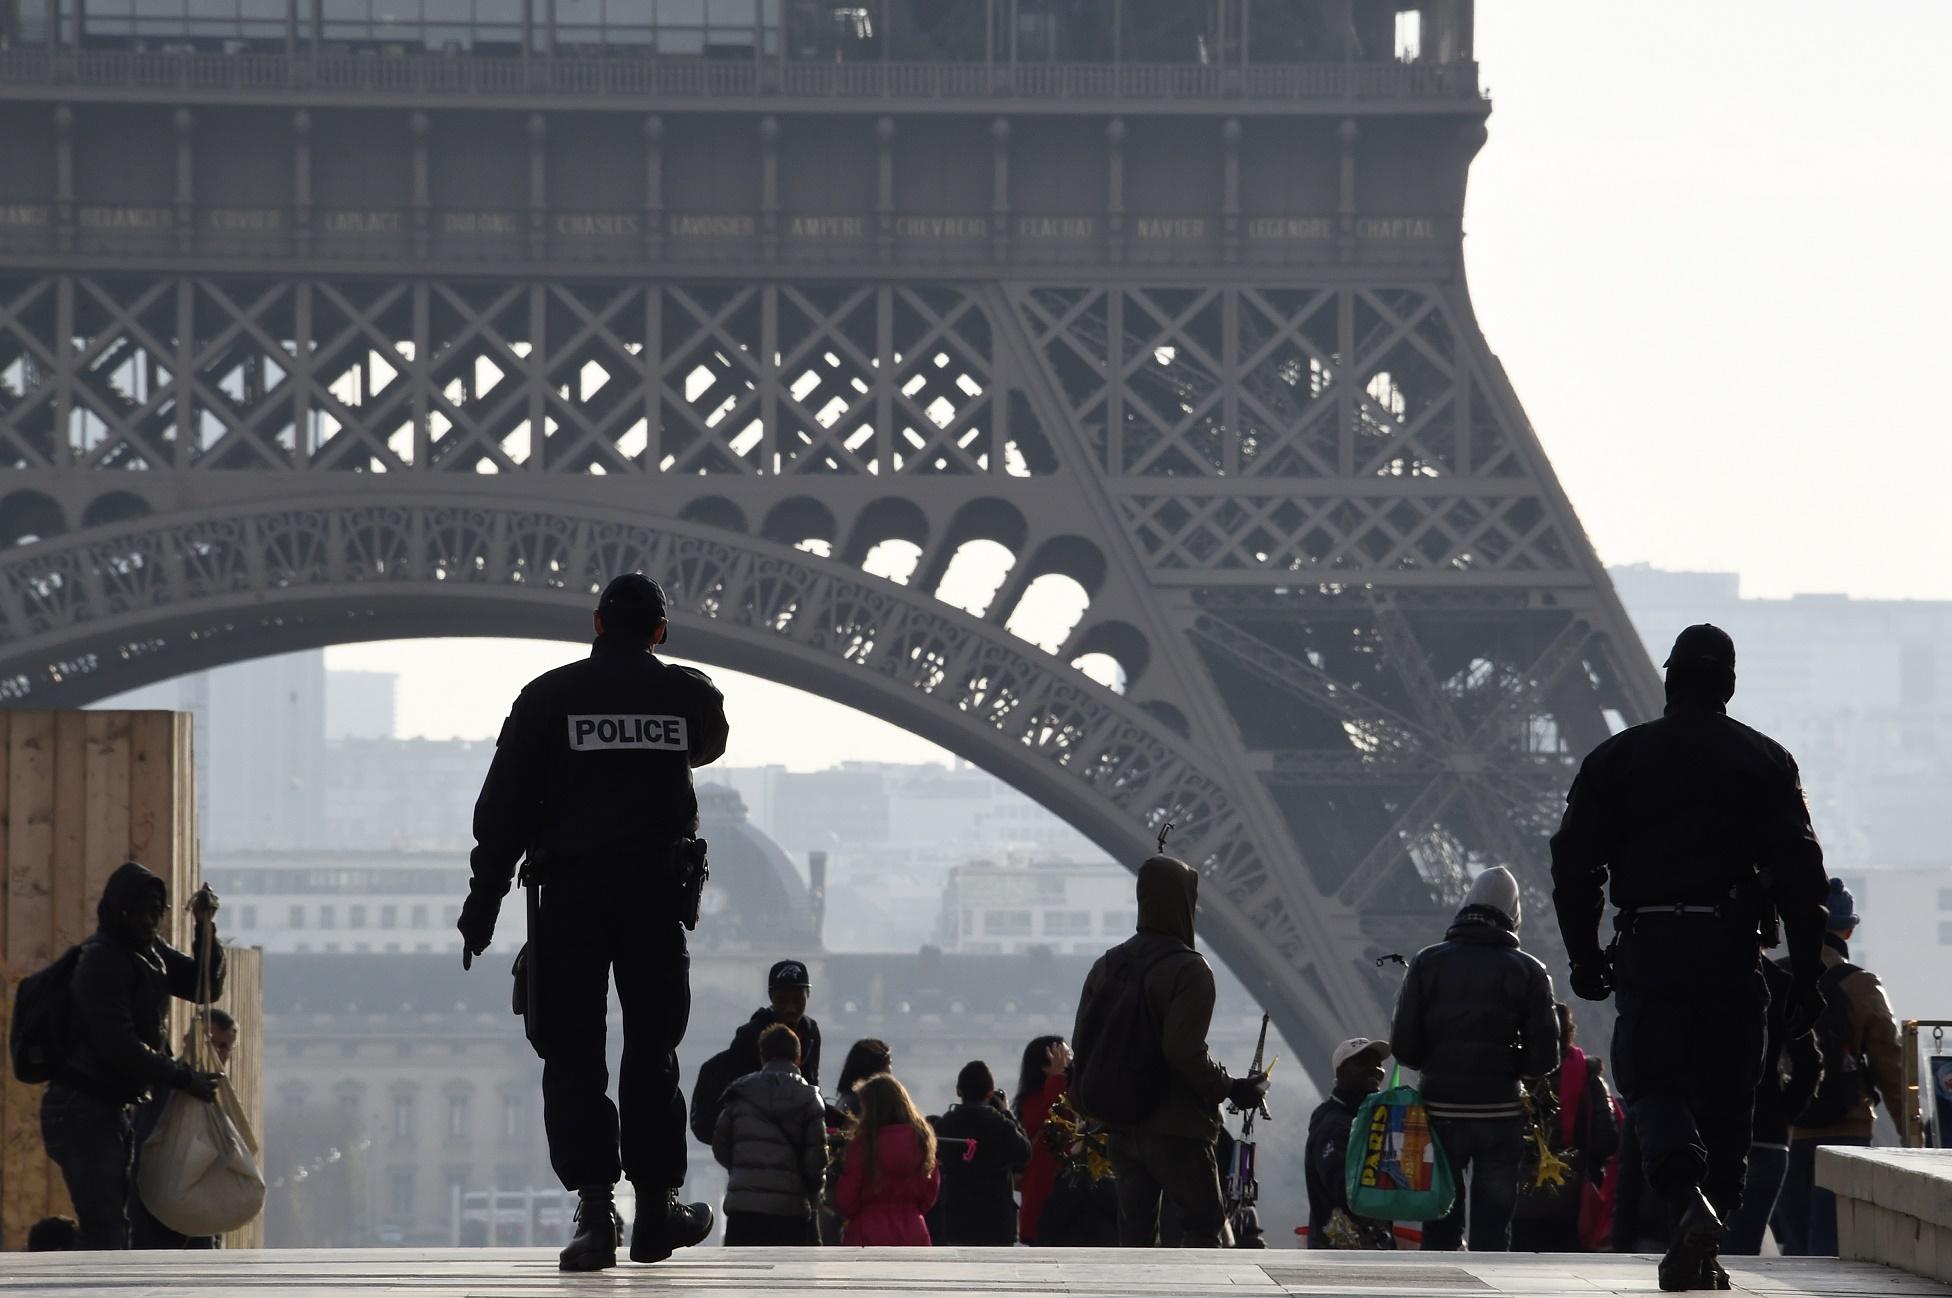 Concursos abertos para integrar a polícia francesa bateram recorde de inscrições: 47% a mais do que ano anterior. Ou seja, 24.700 candidatos para 3.700 novos postos